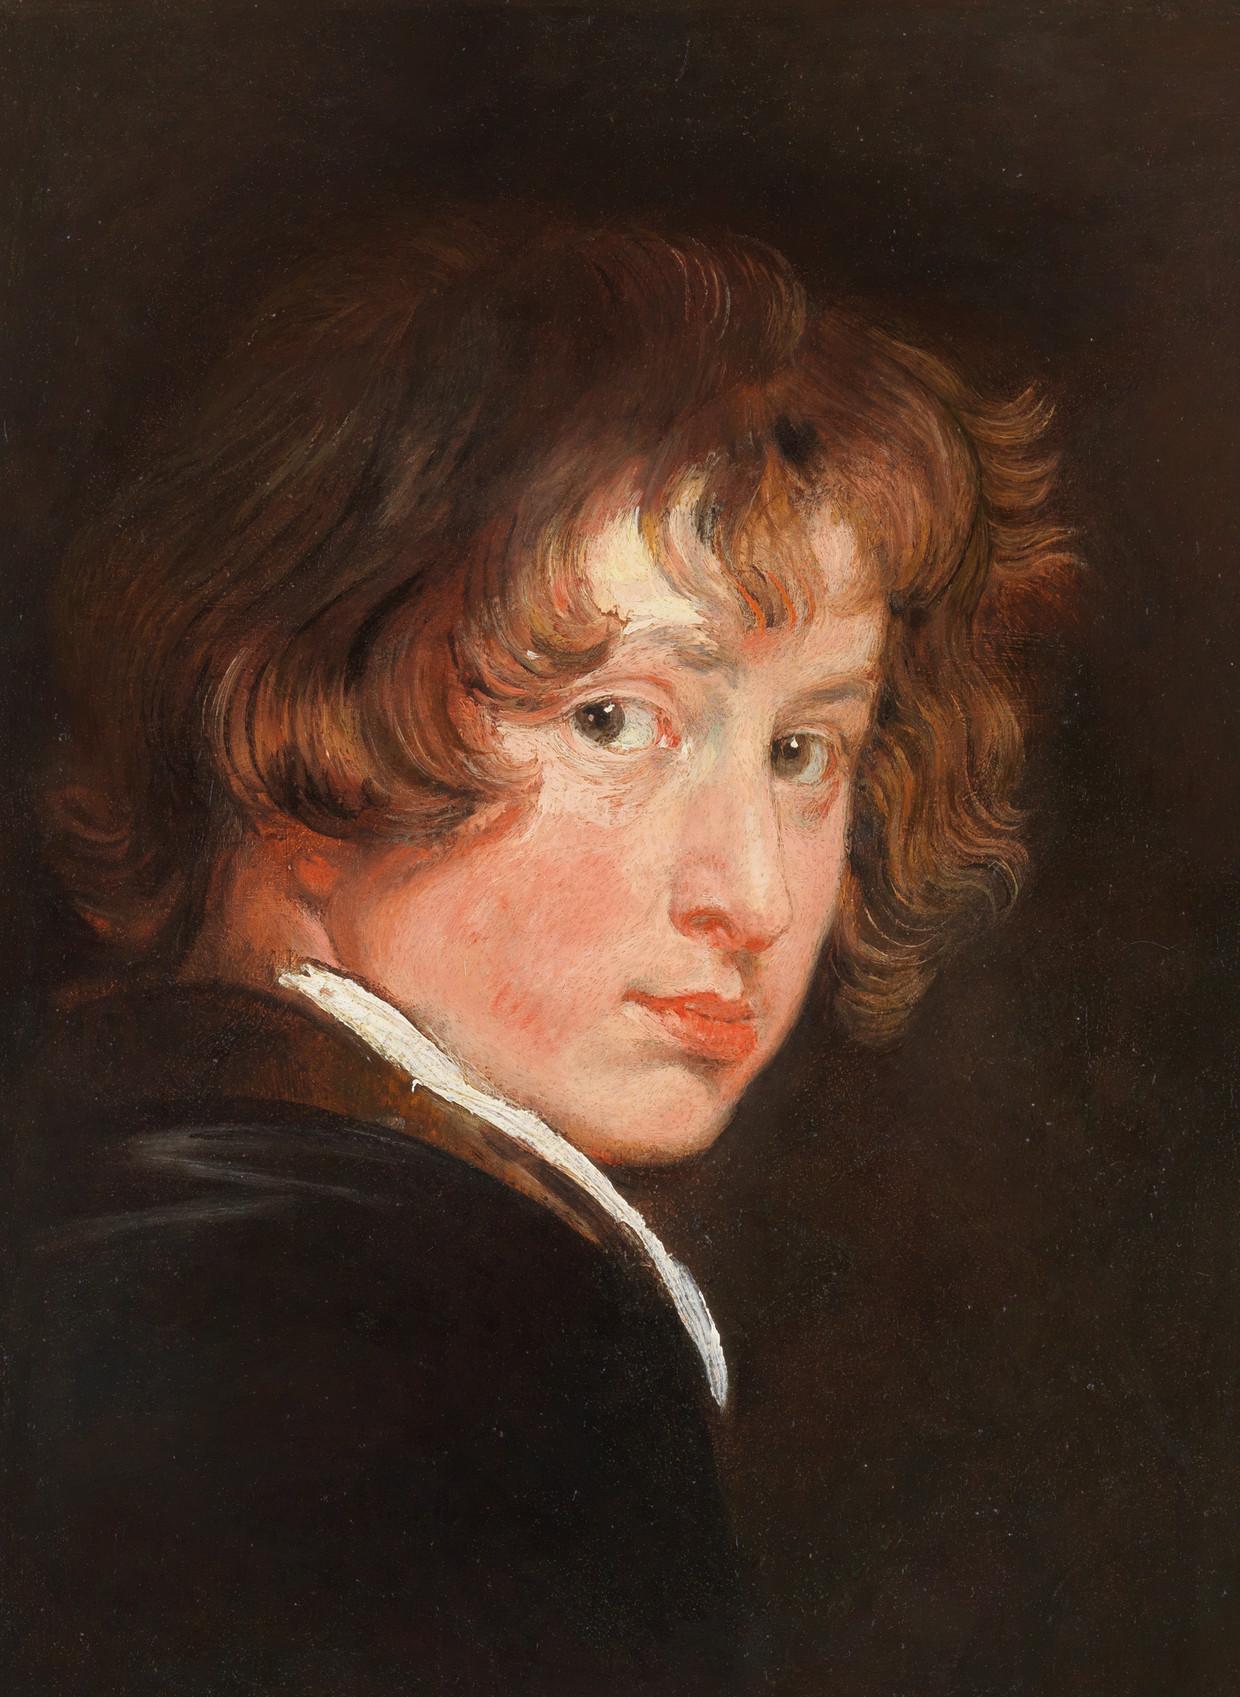 Meesterwerken uit Wenen - Noordbrabants Museum. Anthony van Dyck, Zelfportret op 15-jarige leeftijd, ca. 1615. Beeld Gemäldegalerie der Akademie der bildenden Künste Wien